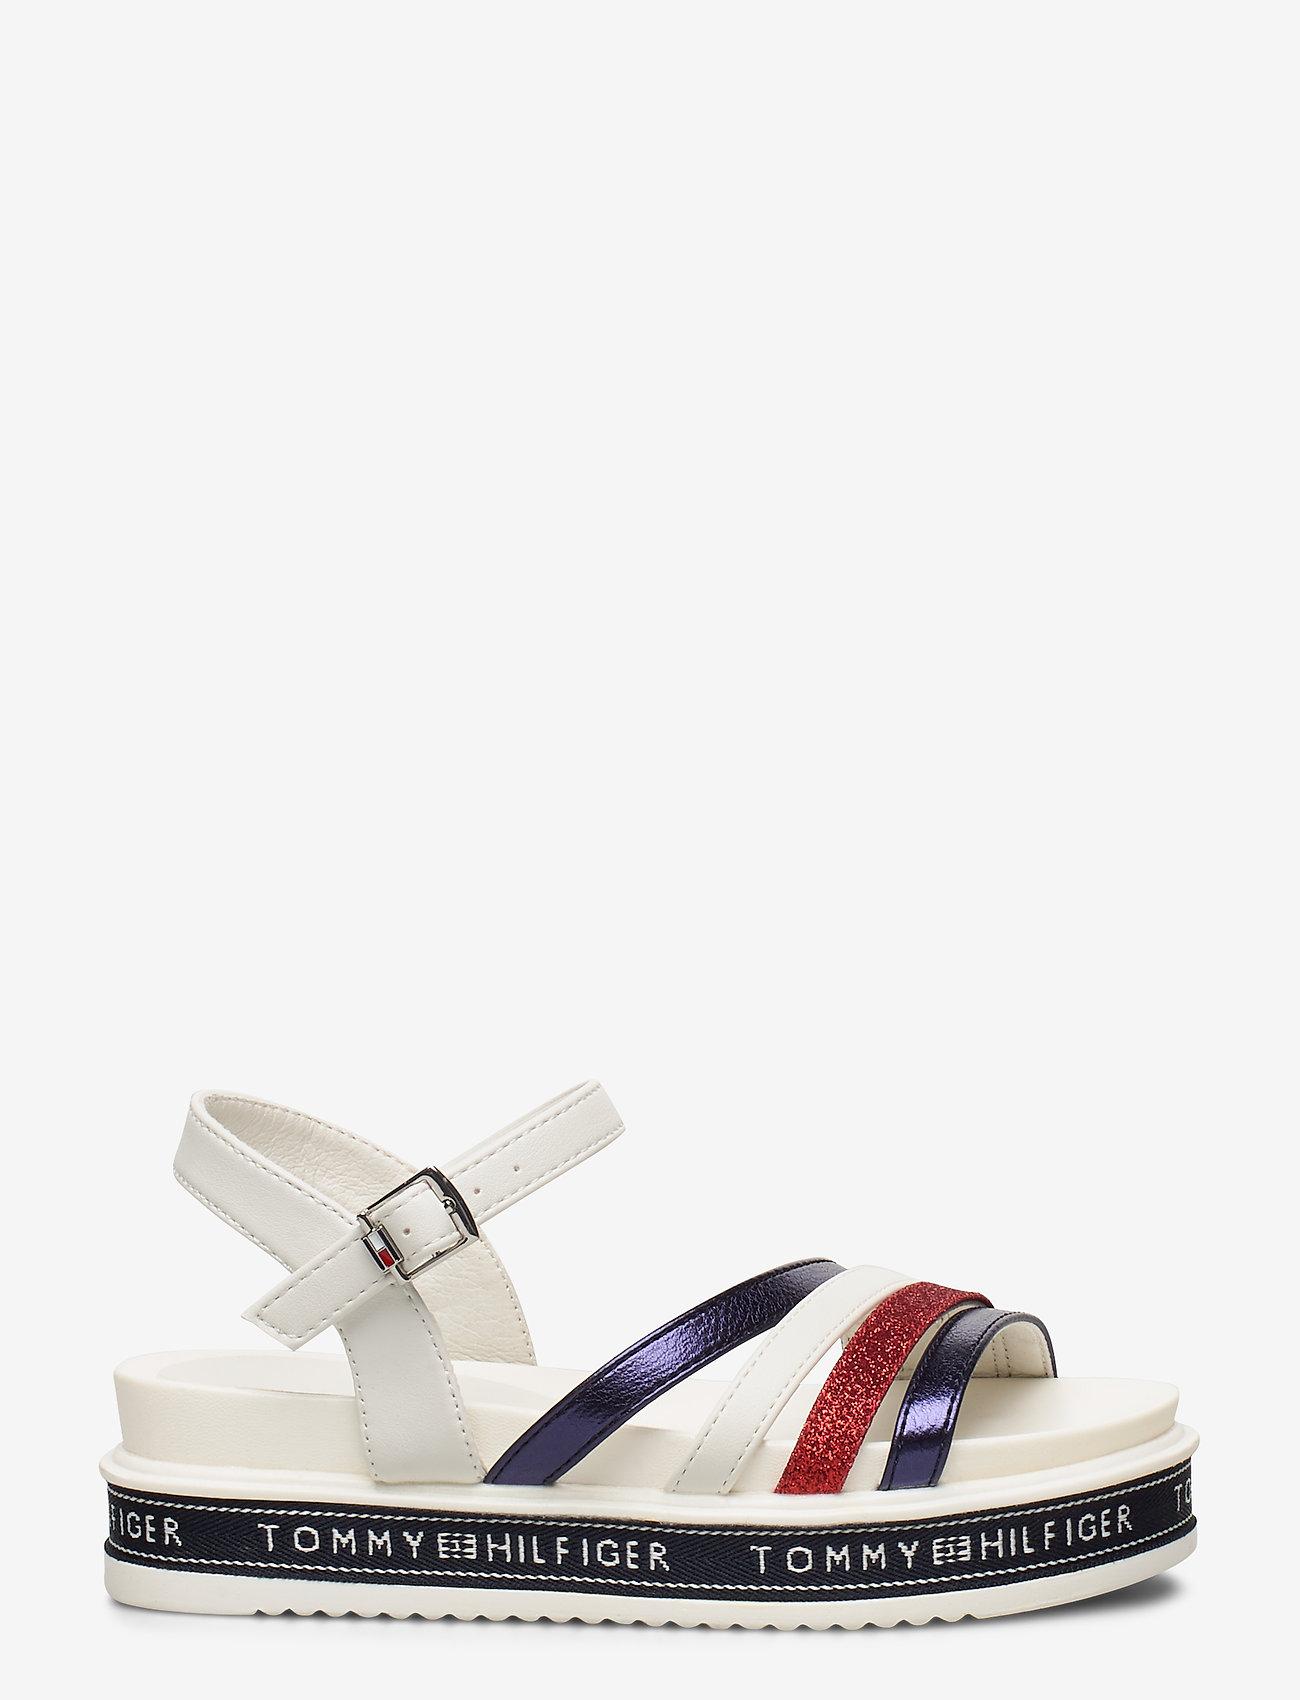 Tommy Hilfiger - PLATFORM SANDAL BLUE/RED/WHITE - sandals - blu/rosso/bianco - 1